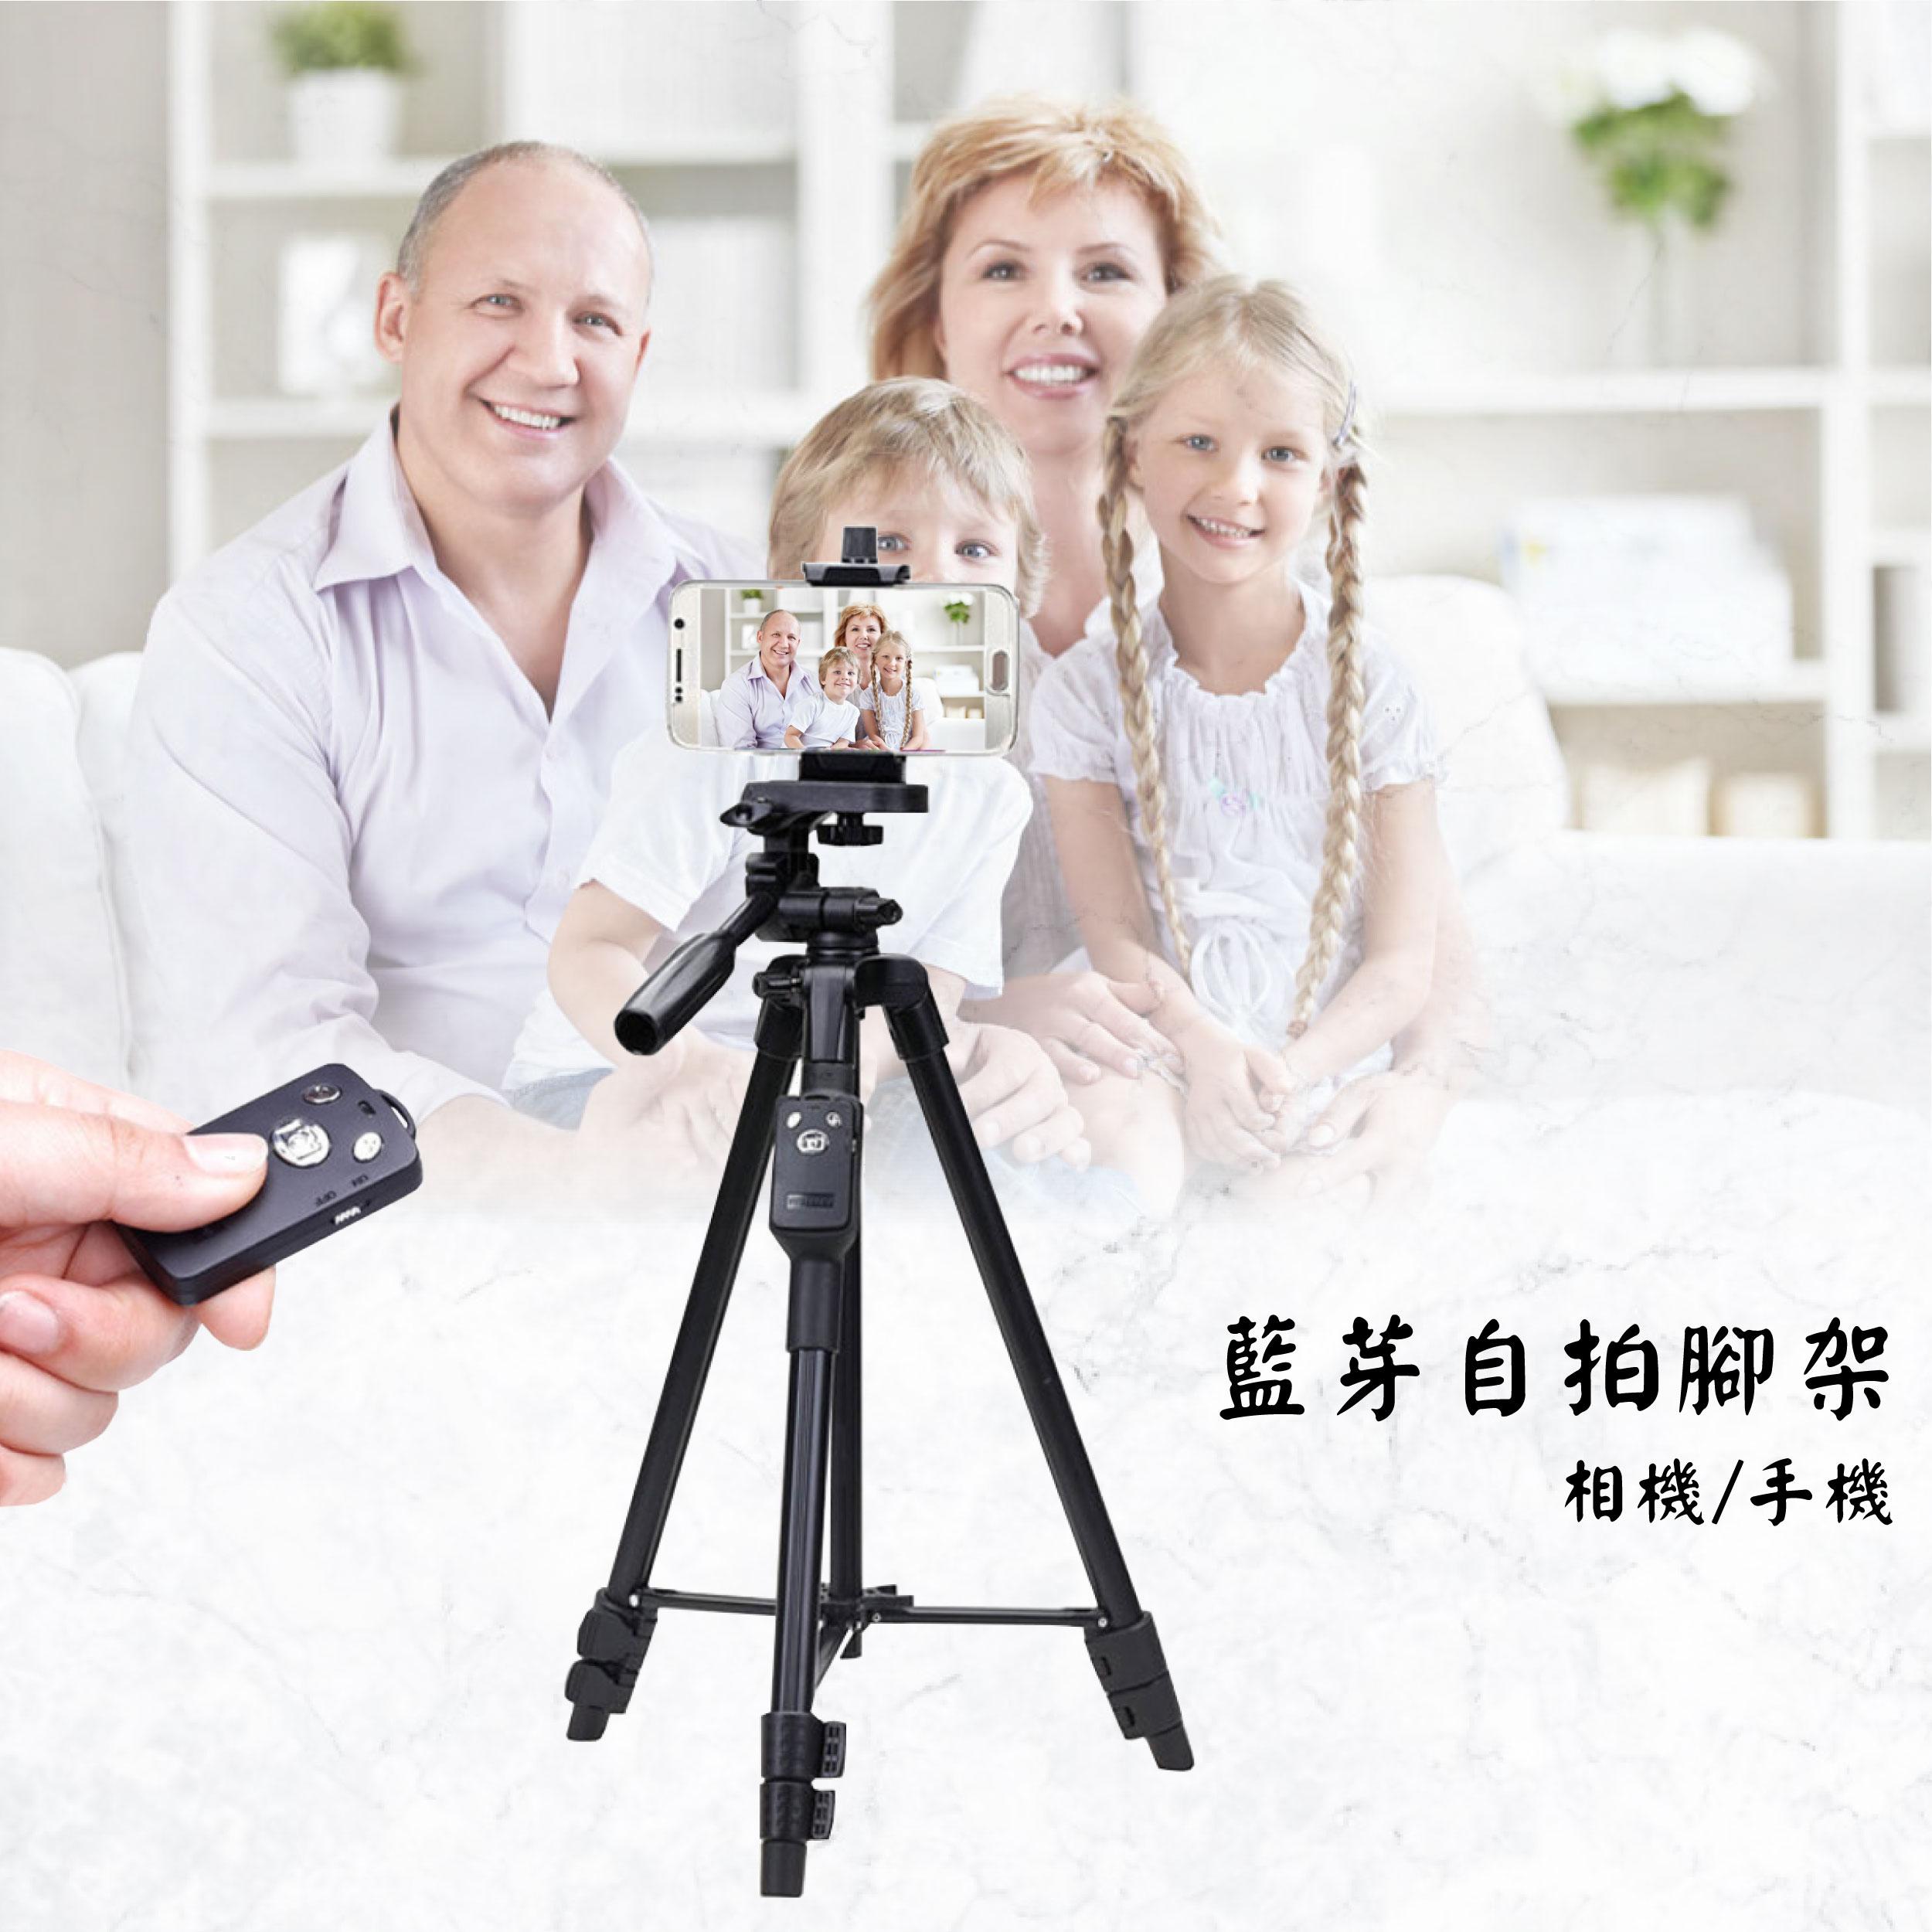 雲騰 5208 超方便 自拍 腳架 相機/手機都可以用 功能超強大 輕巧好收納 送遙控器